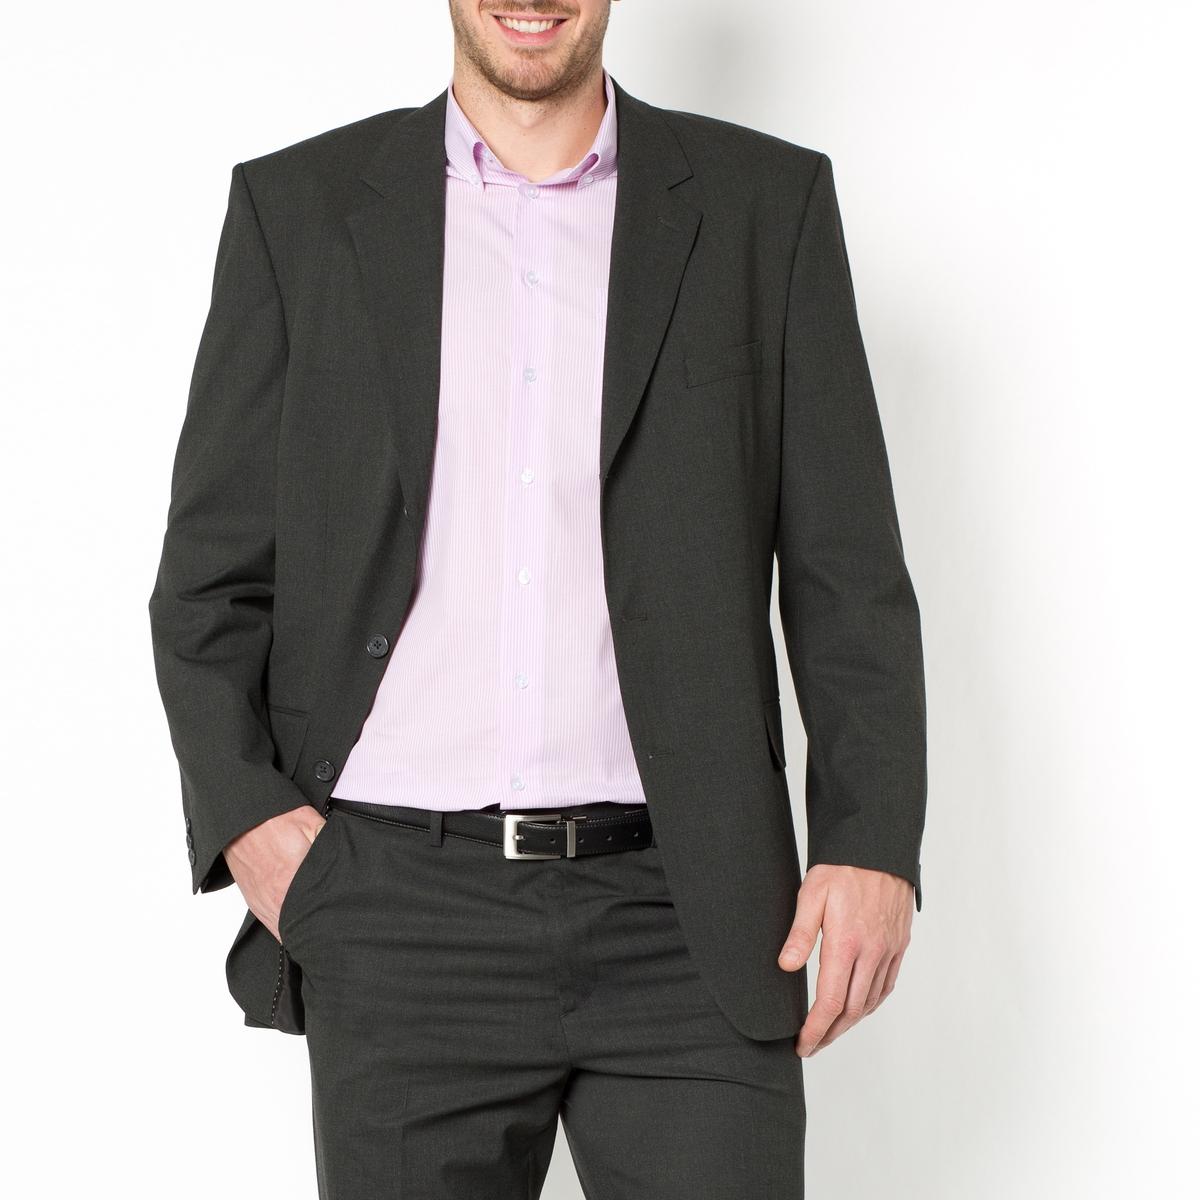 Пиджак костюмный, стрейч, размер 2Полностью на подкладке, 100% полиэстер. Размер 2 : на рост от 176 до 187 см.Прямой покрой, 3 пуговицы. Шлица сзади. 1 нагрудный карман и 2 кармана с клапаном спереди, 3 внутренних кармана. 3 пуговицы на рукавах. Контрастная отделка видимым швом.Существует также в размере 1 (на рост до 176 см)и в размере 3 (на рост от 187 см).<br><br>Цвет: антрацит,темно-синий,черный